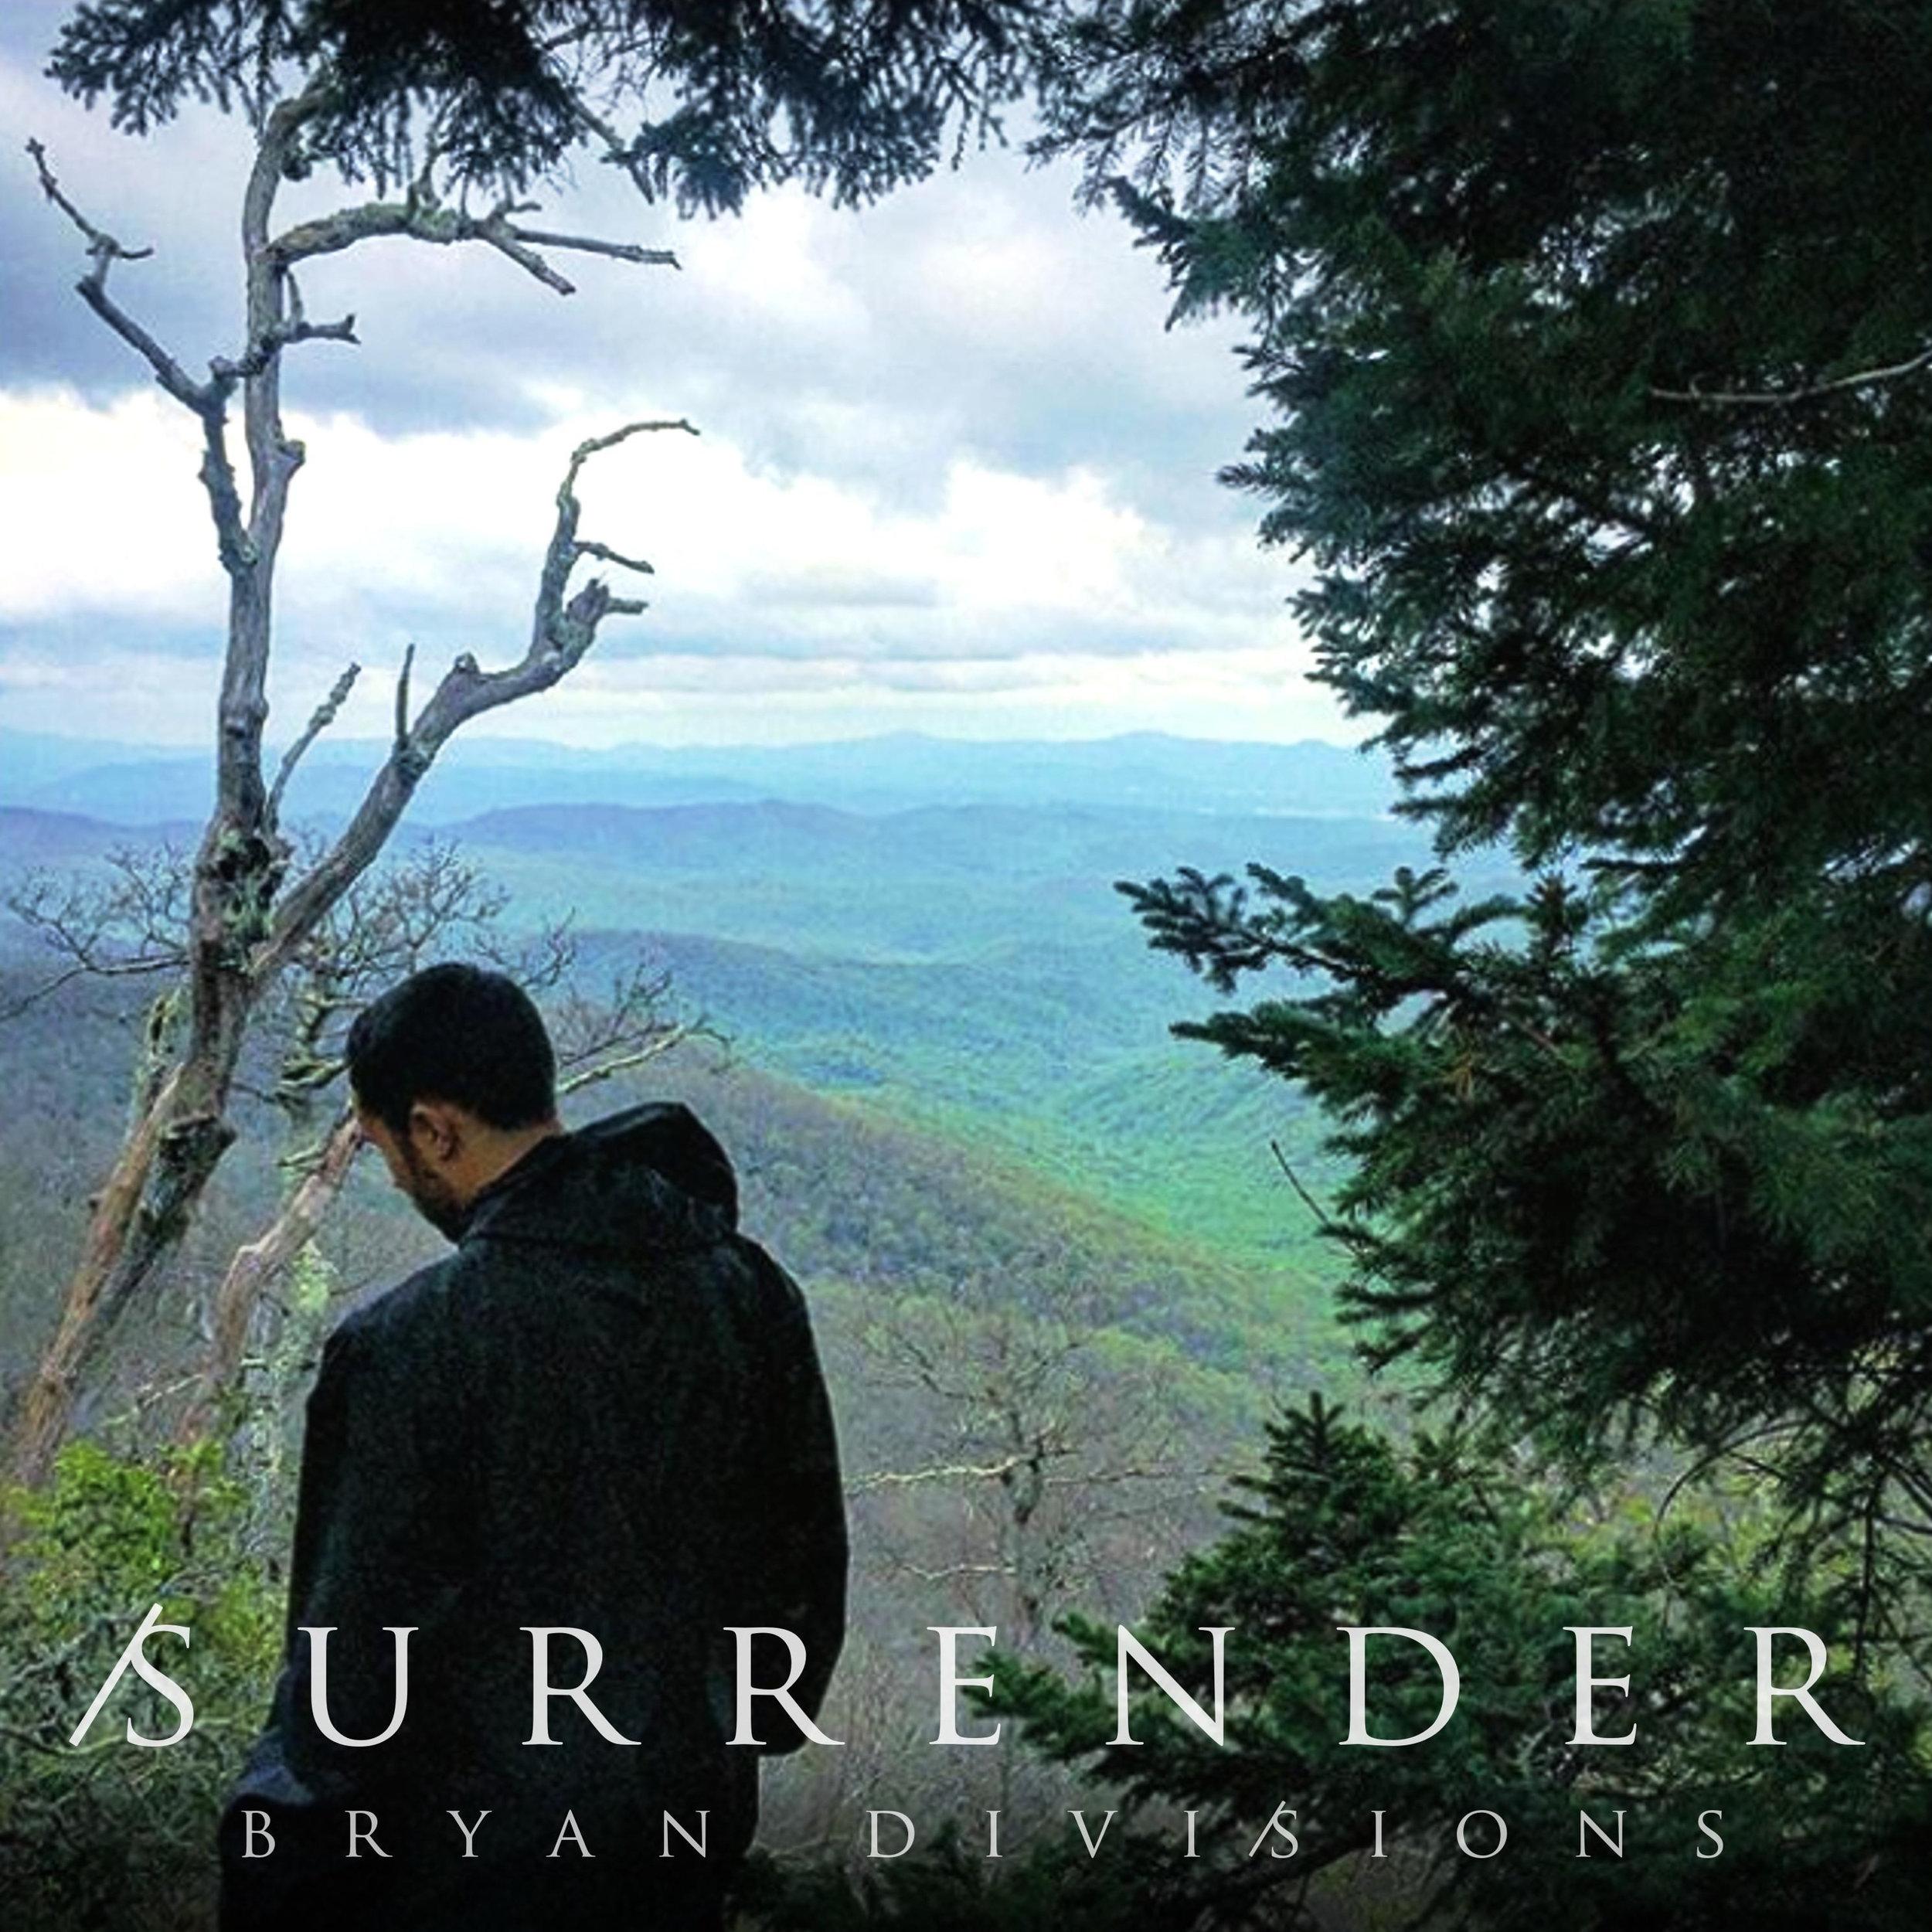 surrenderalbumartwork.JPG